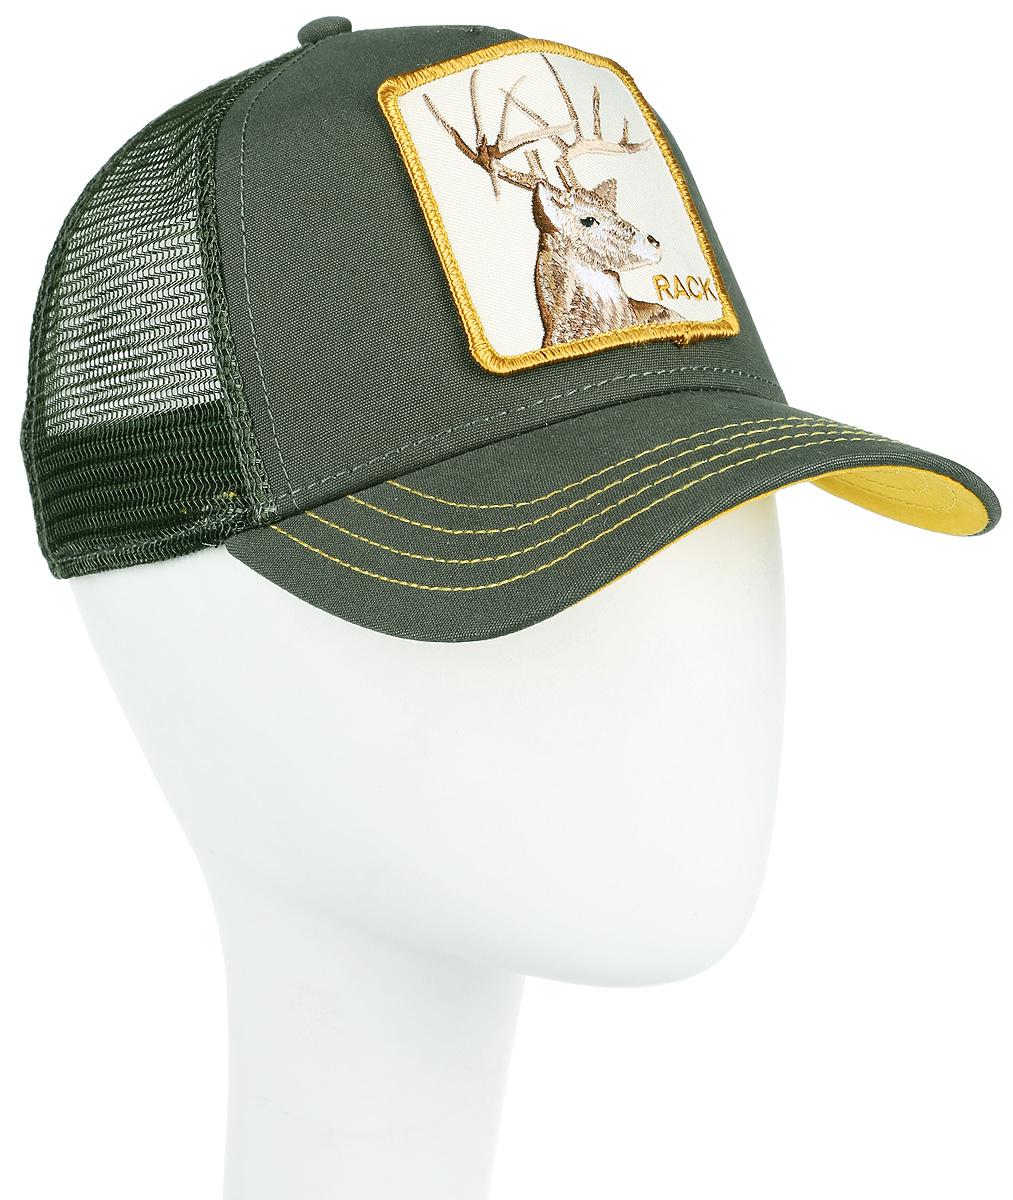 Бейсболка Goorin Brothers Rack, цвет: оливковый. 90-363-03-00. Размер универсальный90-363-03-00Стильная бейсболка Goorin Brothers, выполненная из полиэстера и хлопка, идеально подойдет для прогулок, занятия спортом и отдыха. Она надежно защитит вас от солнца и ветра. Задняя часть имеет сетчатую вставку для вентиляции воздуха. Изделие оформлено нашивкой с изображением оленя и надписью Rack. Обхват регулируется с помощью пластикового ремешка.